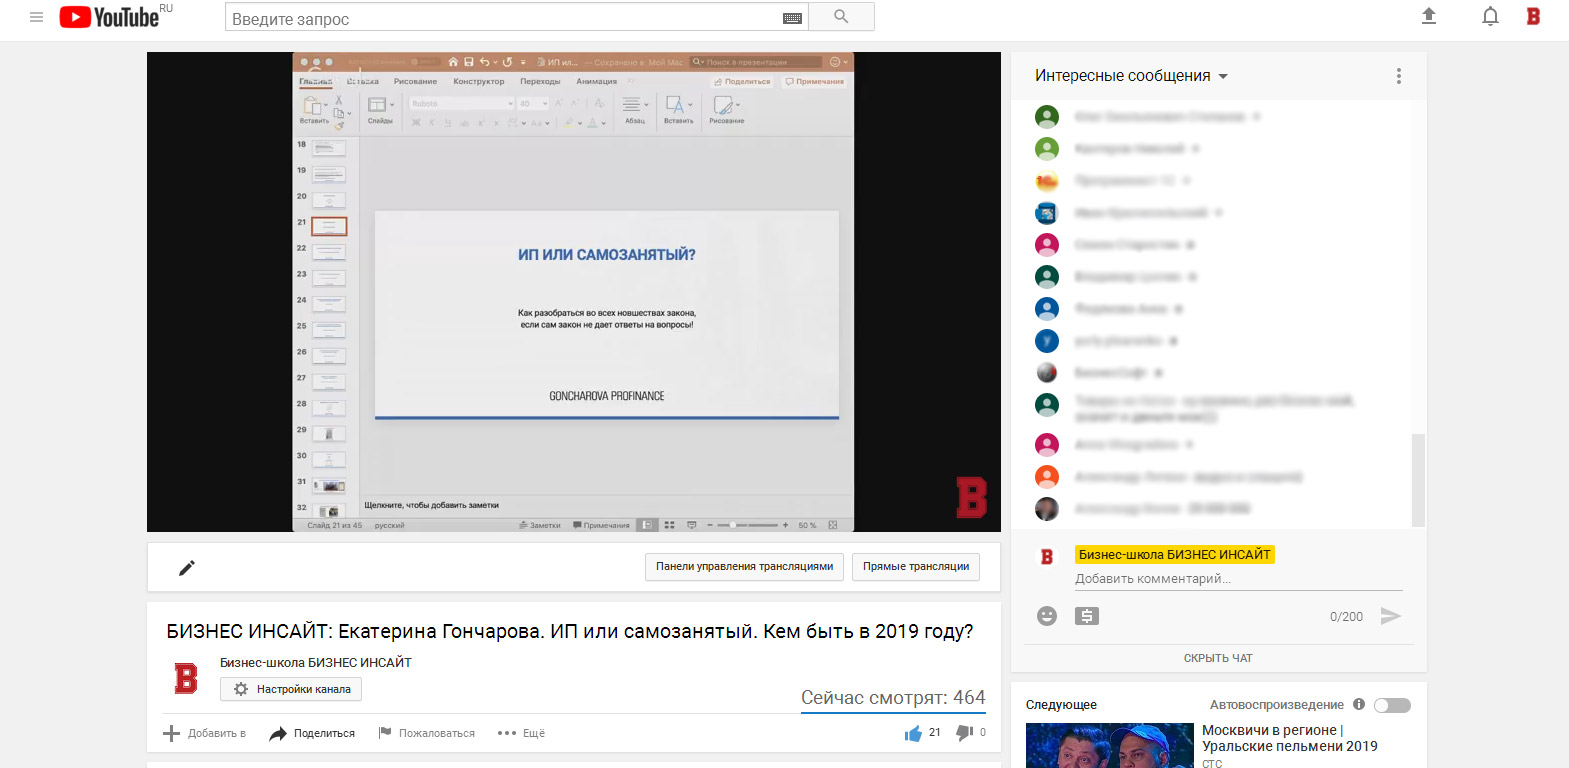 Екатерина Гончарова провела открытый (бесплатный) вебинар на площадке БИЗНЕС ИНСАЙТ